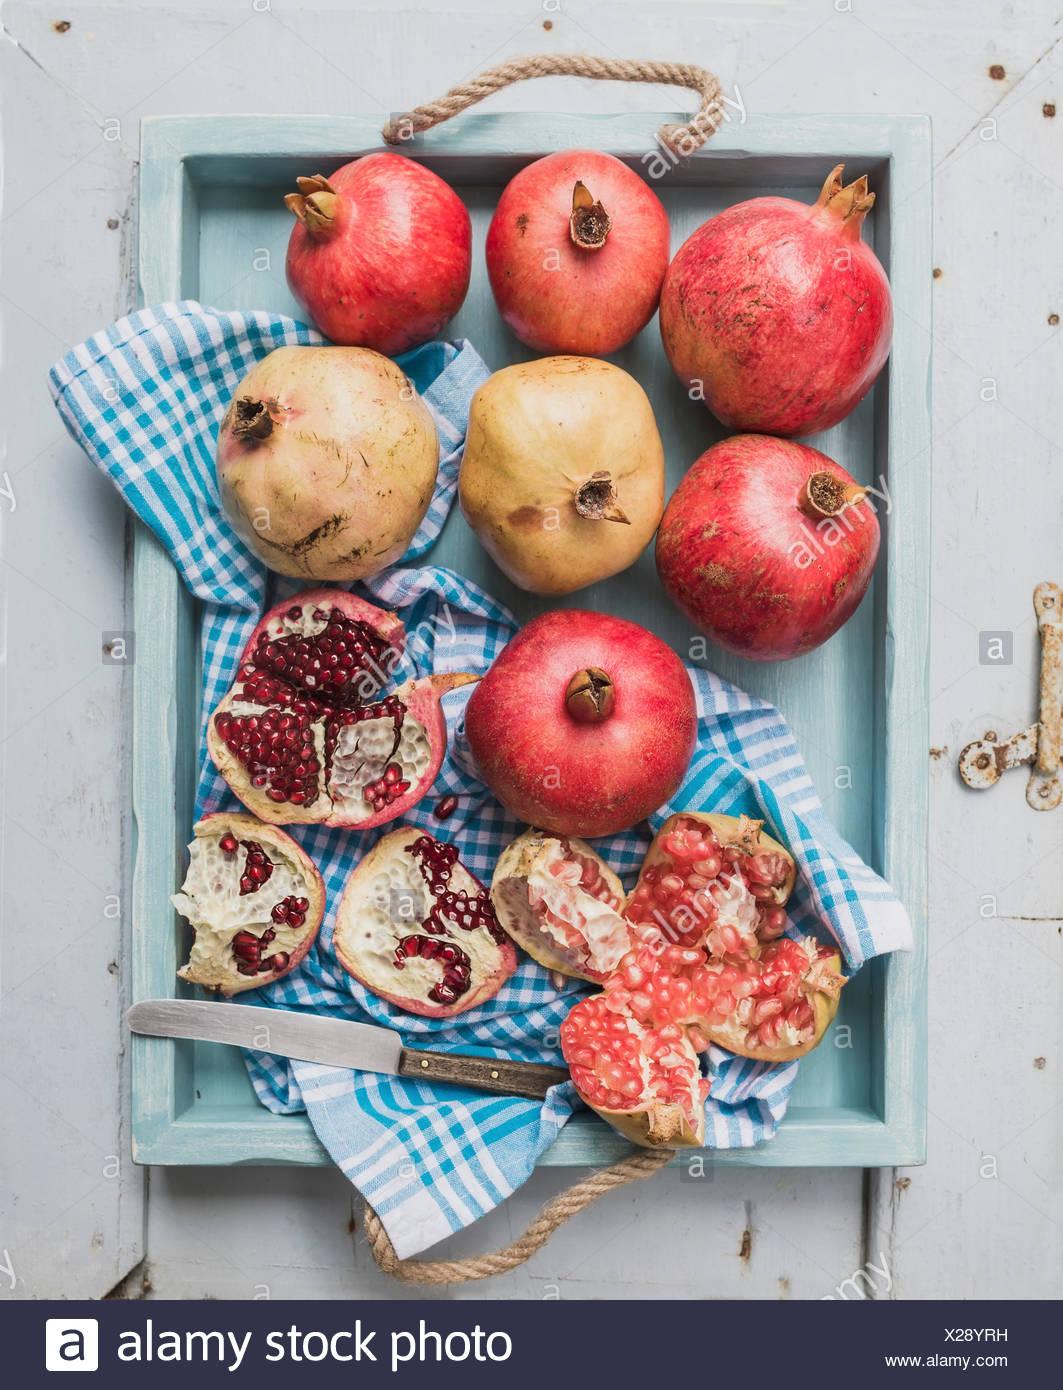 Le rouge et le blanc des grenades et des couteaux de cuisine sur serviette dans le bac bleu en bois peint sur toile de lumière, vue du dessus Photo Stock